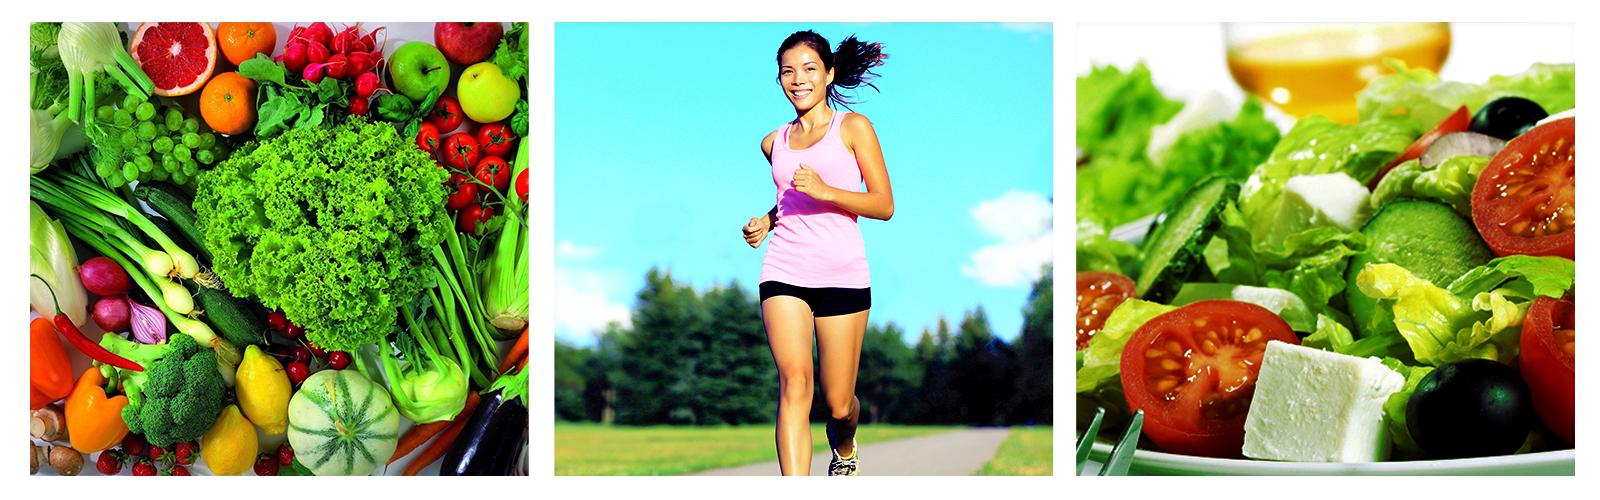 Evita los carbohidratos y vive mejor